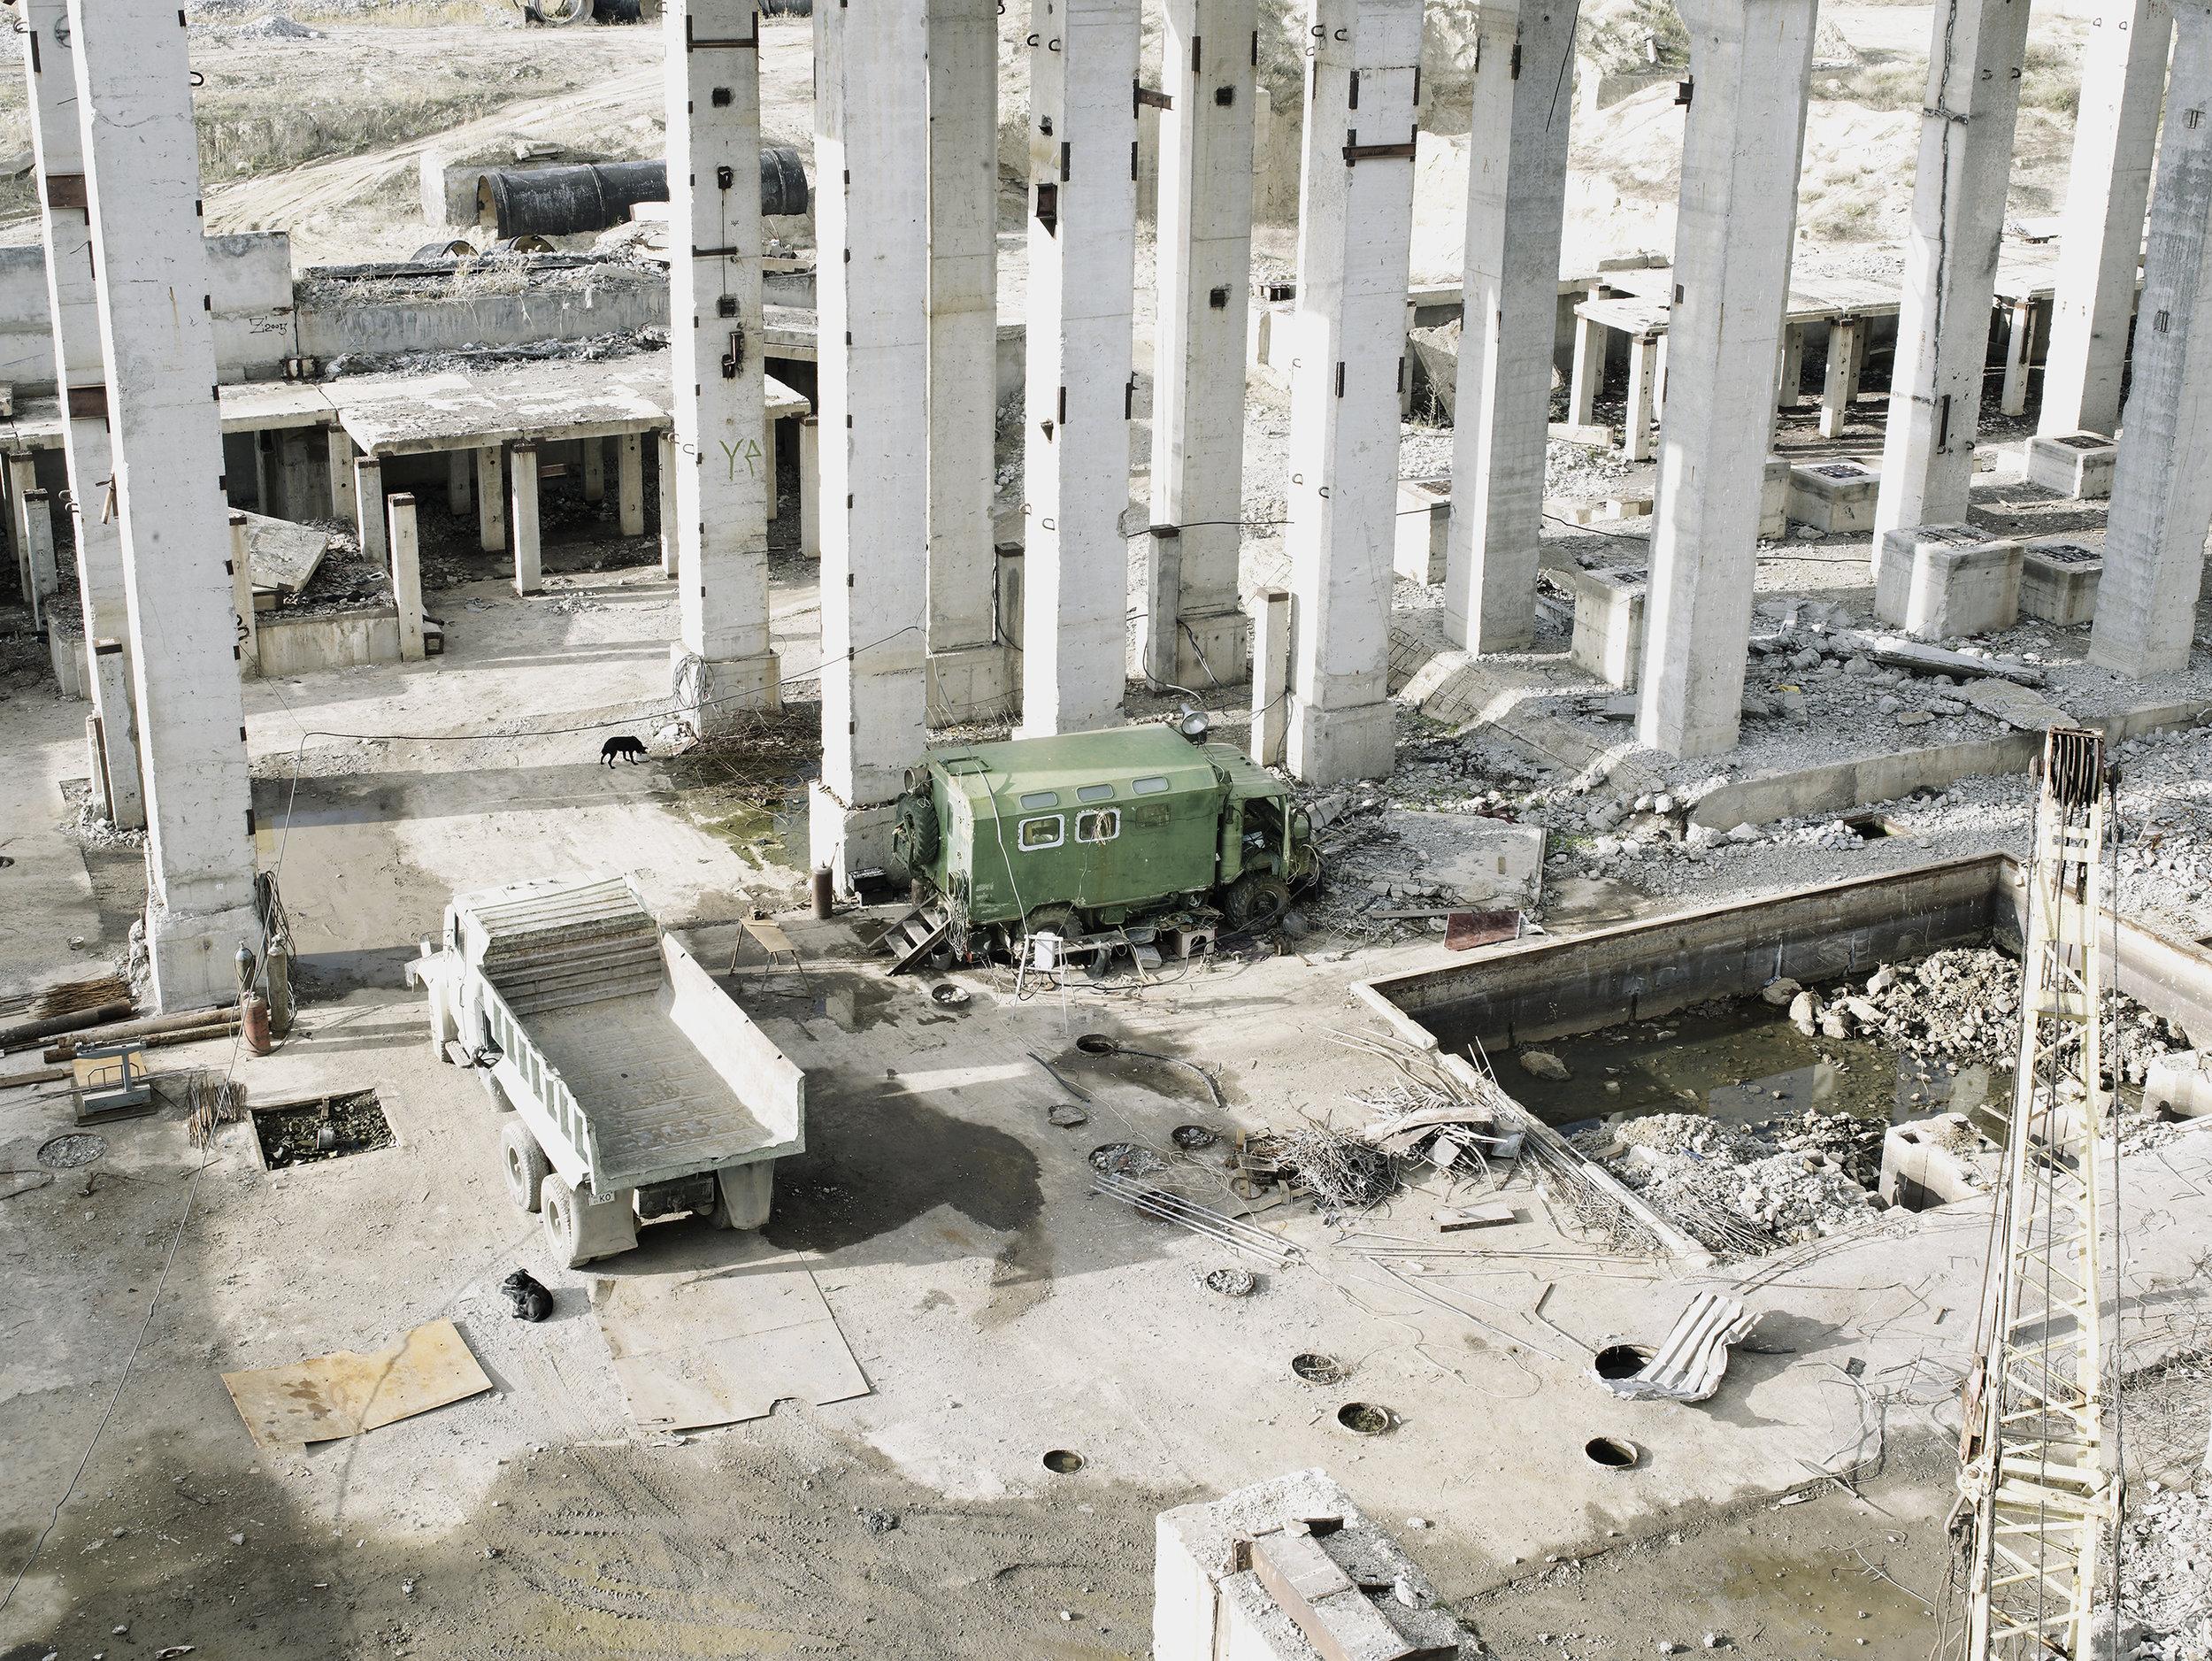 Demolishing a nuclear center 2, Ukraine, 2007.